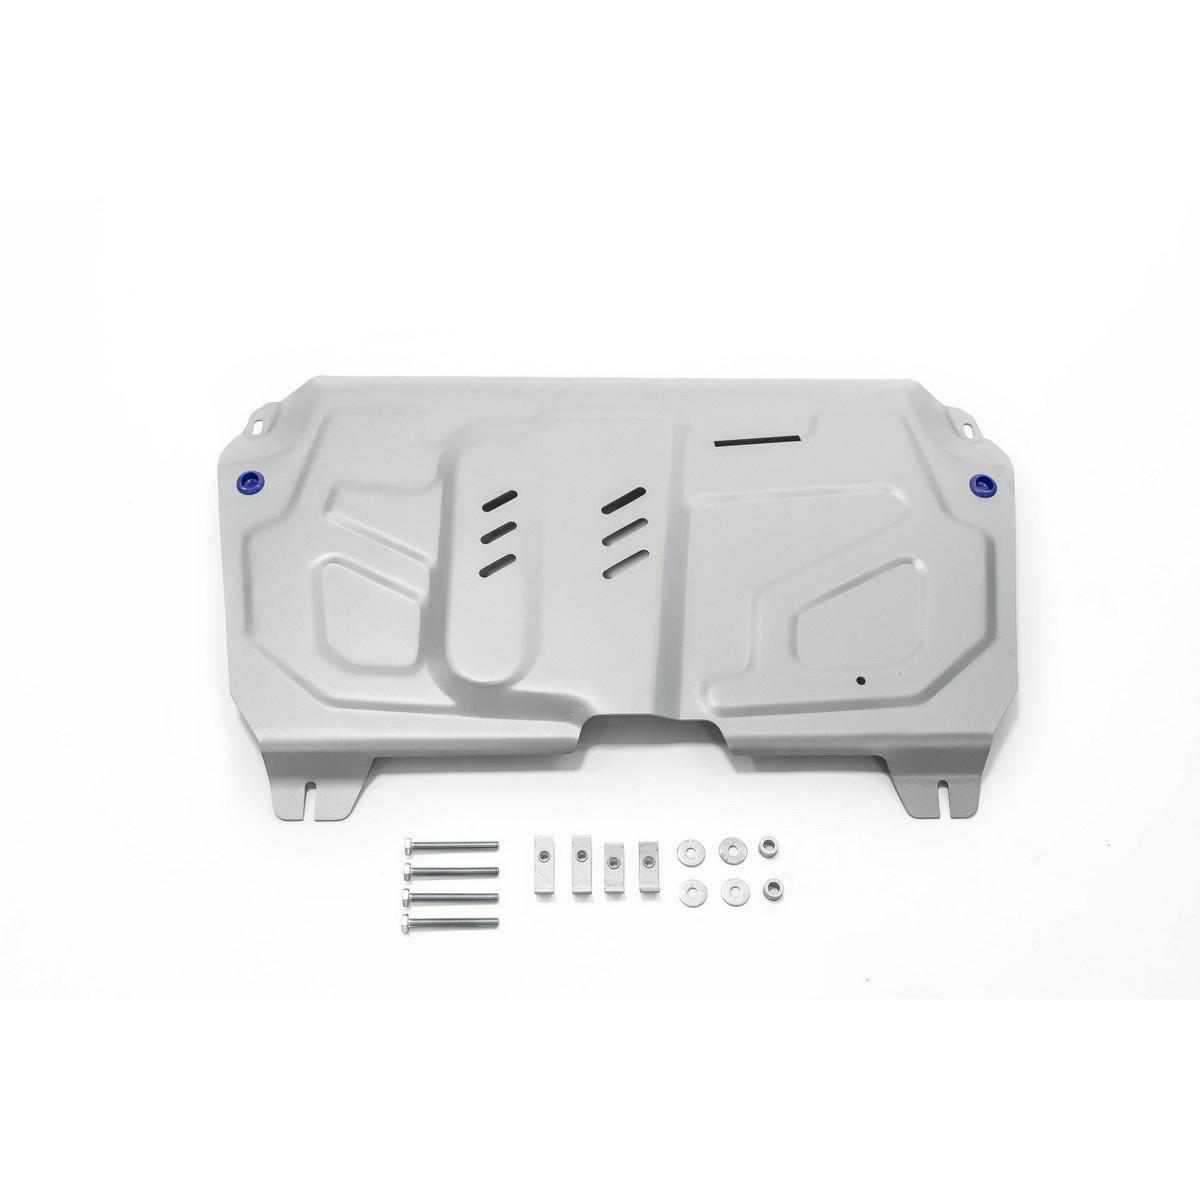 Защита картера и КПП Rival (увеличенная) для Lexus ES 2012-2018/RX 270/350/200t/450h 2008-н.в./Lifan Murman МКПП 2017-н.в./Toyota Camry 2006-2018/Highlander 2010-2014 2014-2017 2017-н.в./Venza 2013-2016, алюминий 4 мм, с крепежом. 333.5781.1